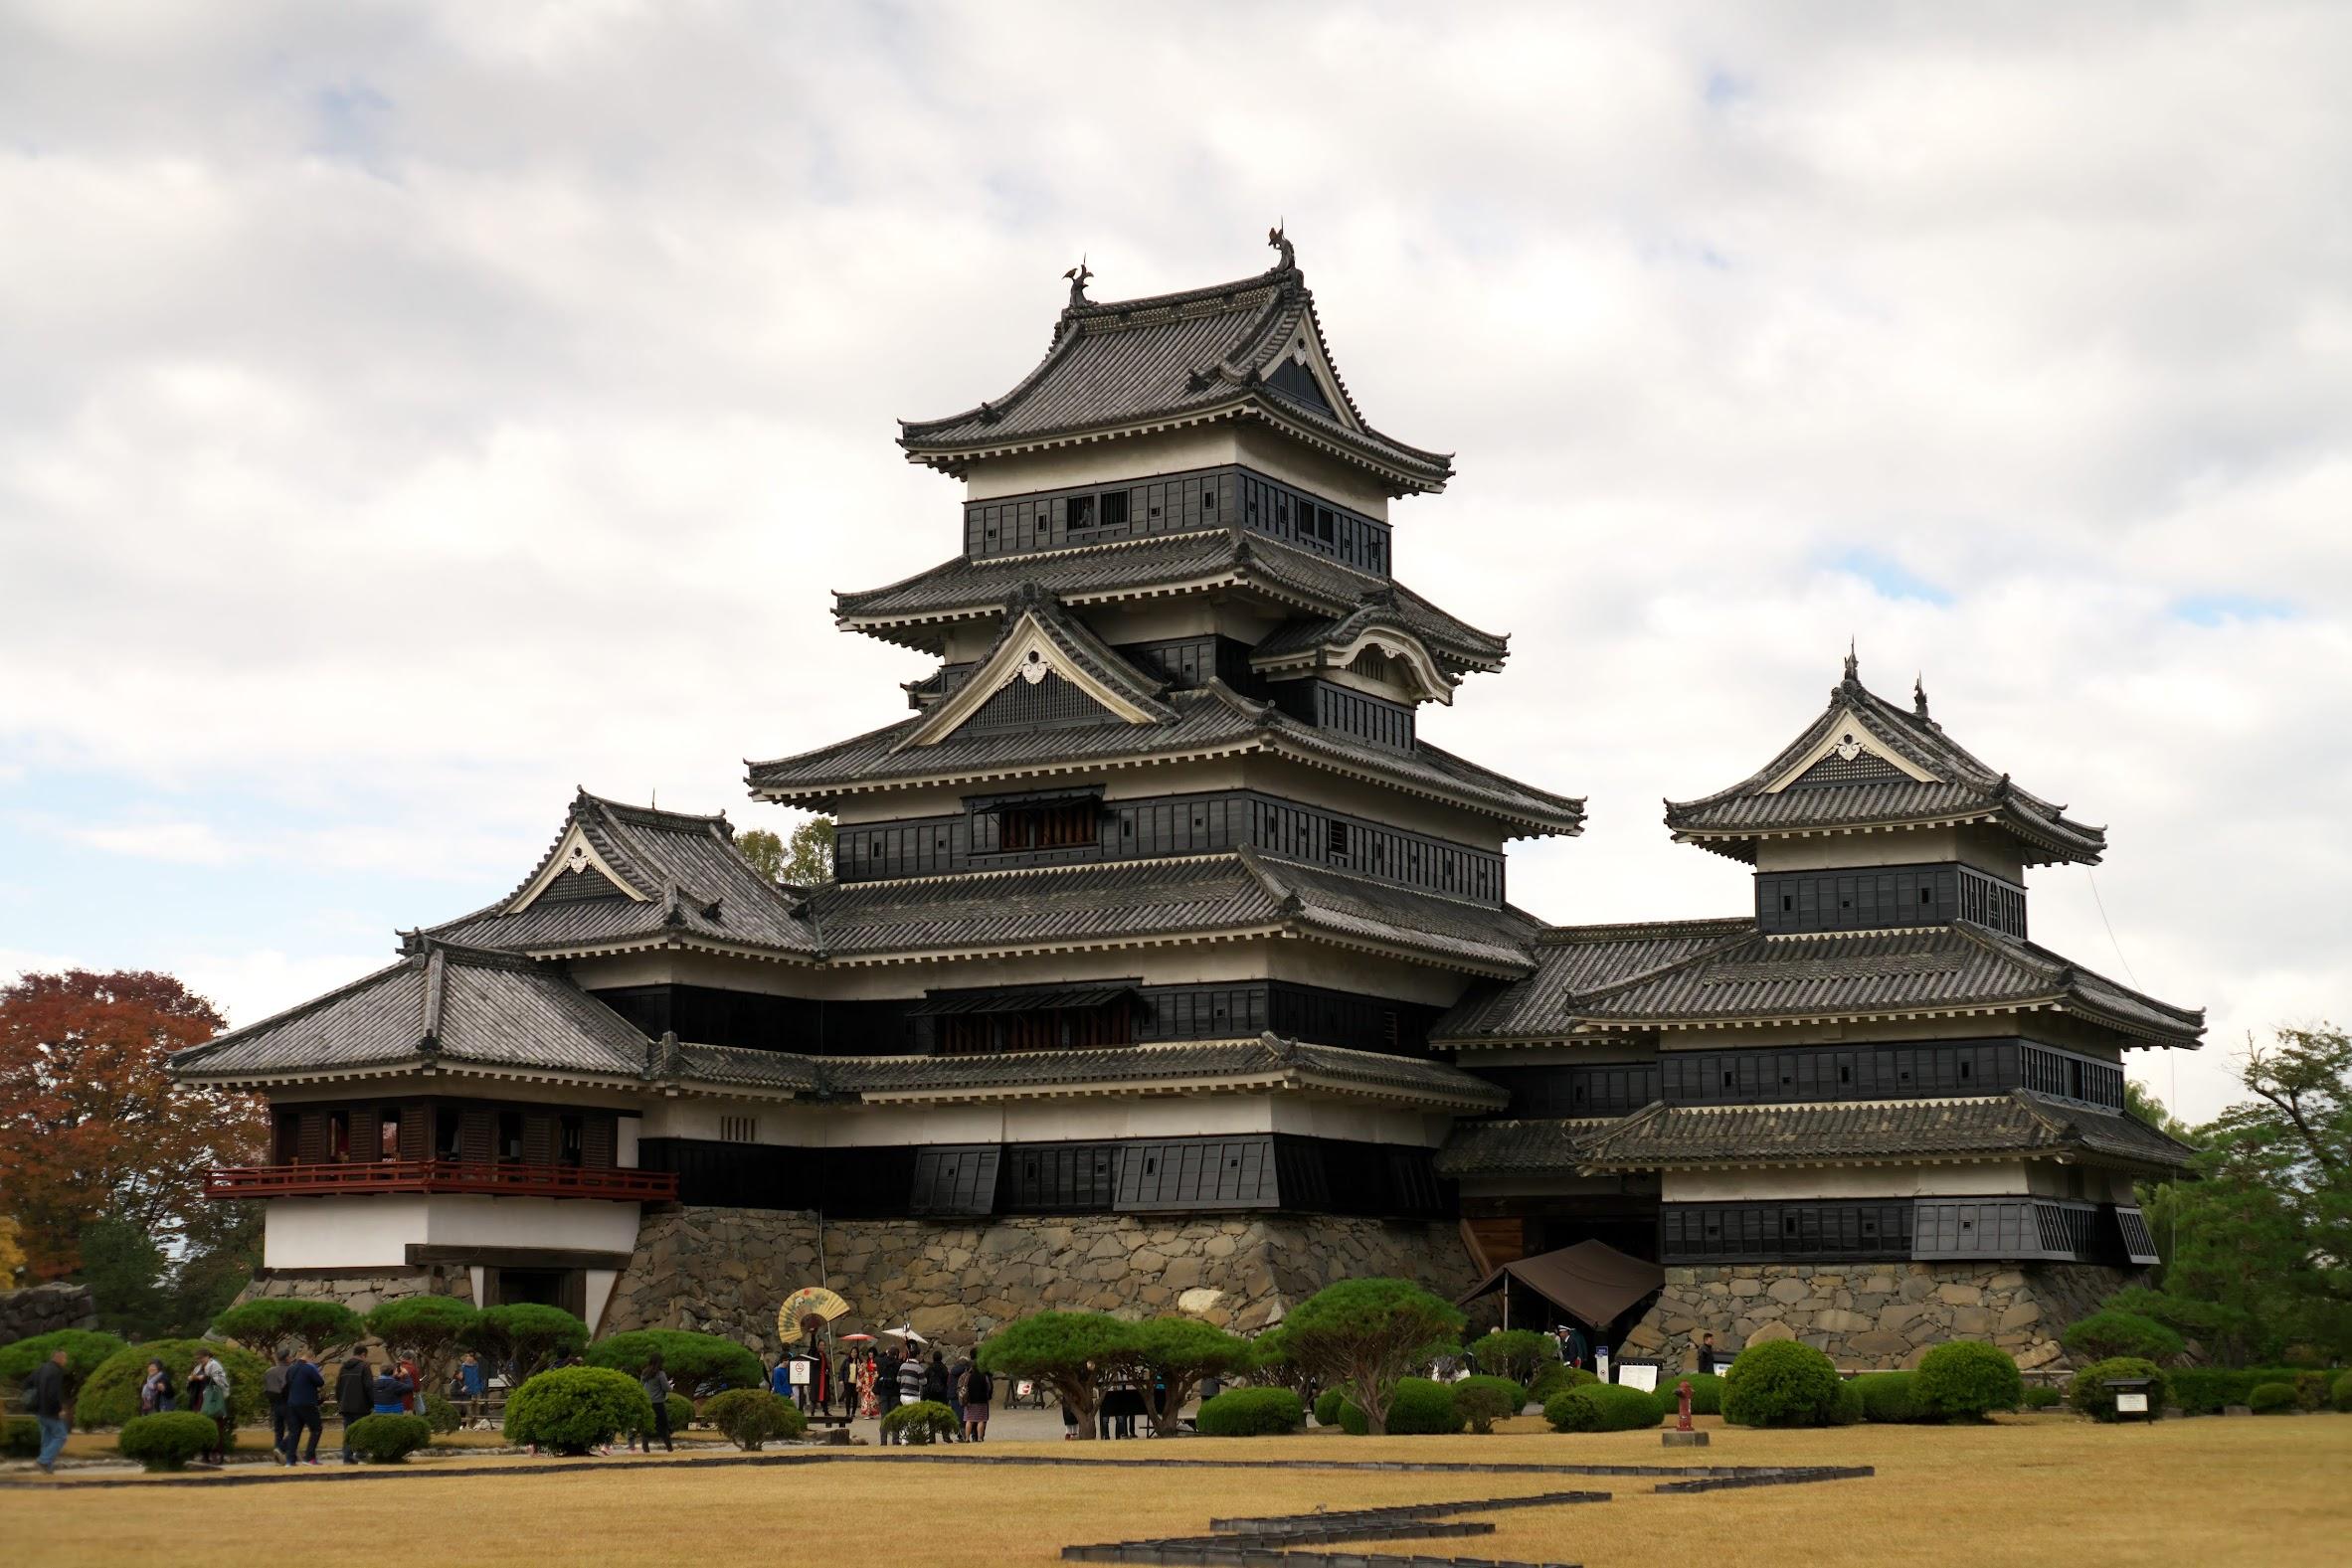 岐阜/長野小旅行 Day.2 – 松本城→黒部ダムを観光しよう